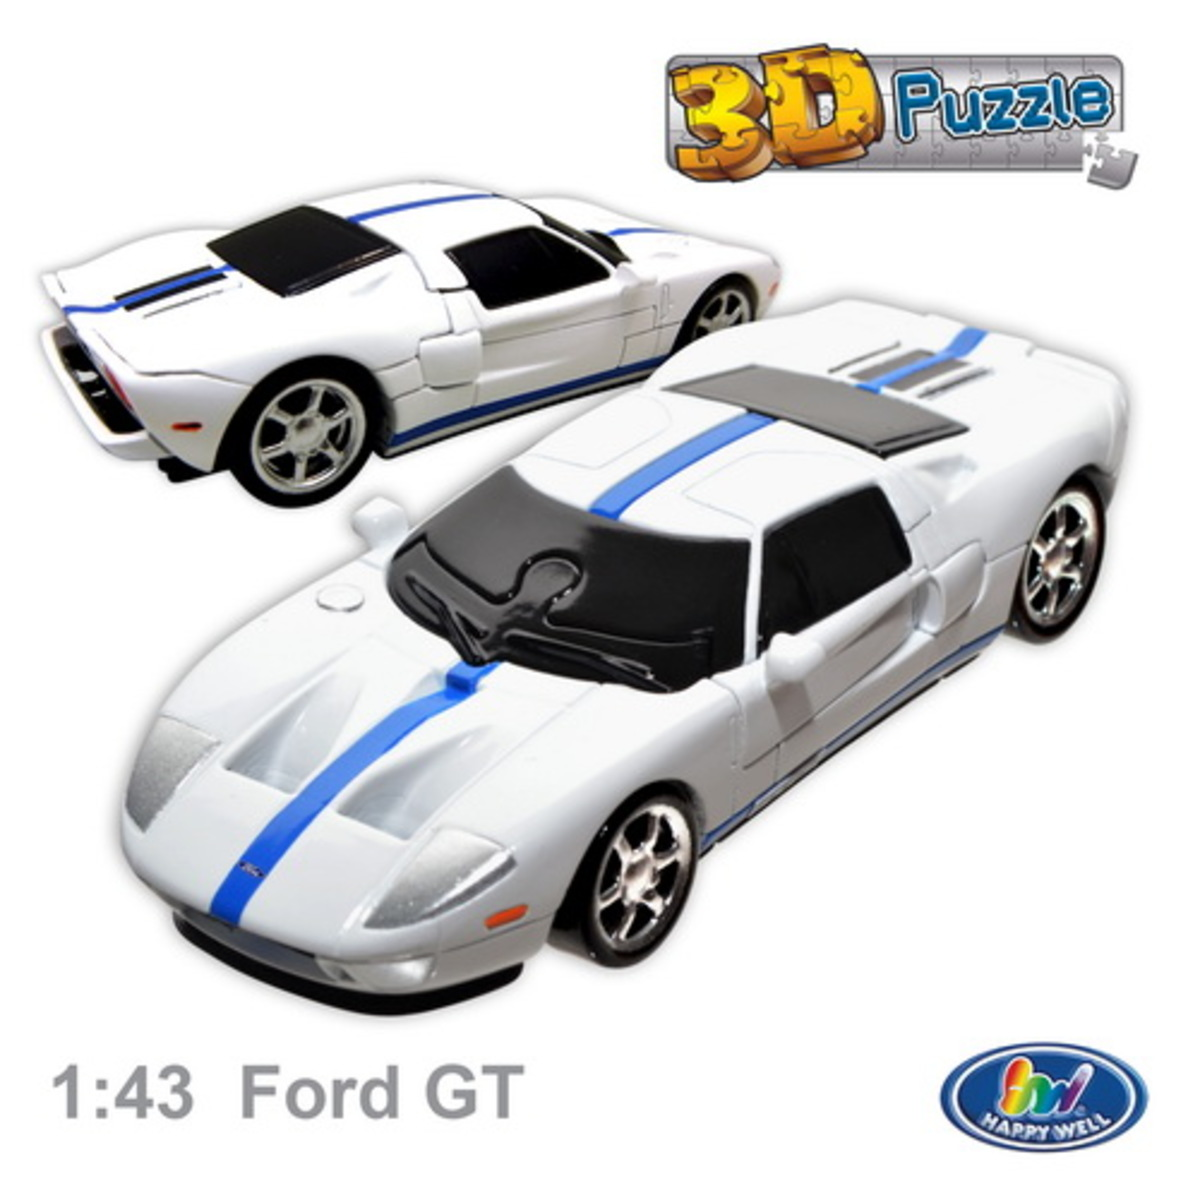 時款名車Ford GT 3Dpuzzle 立體砌圖